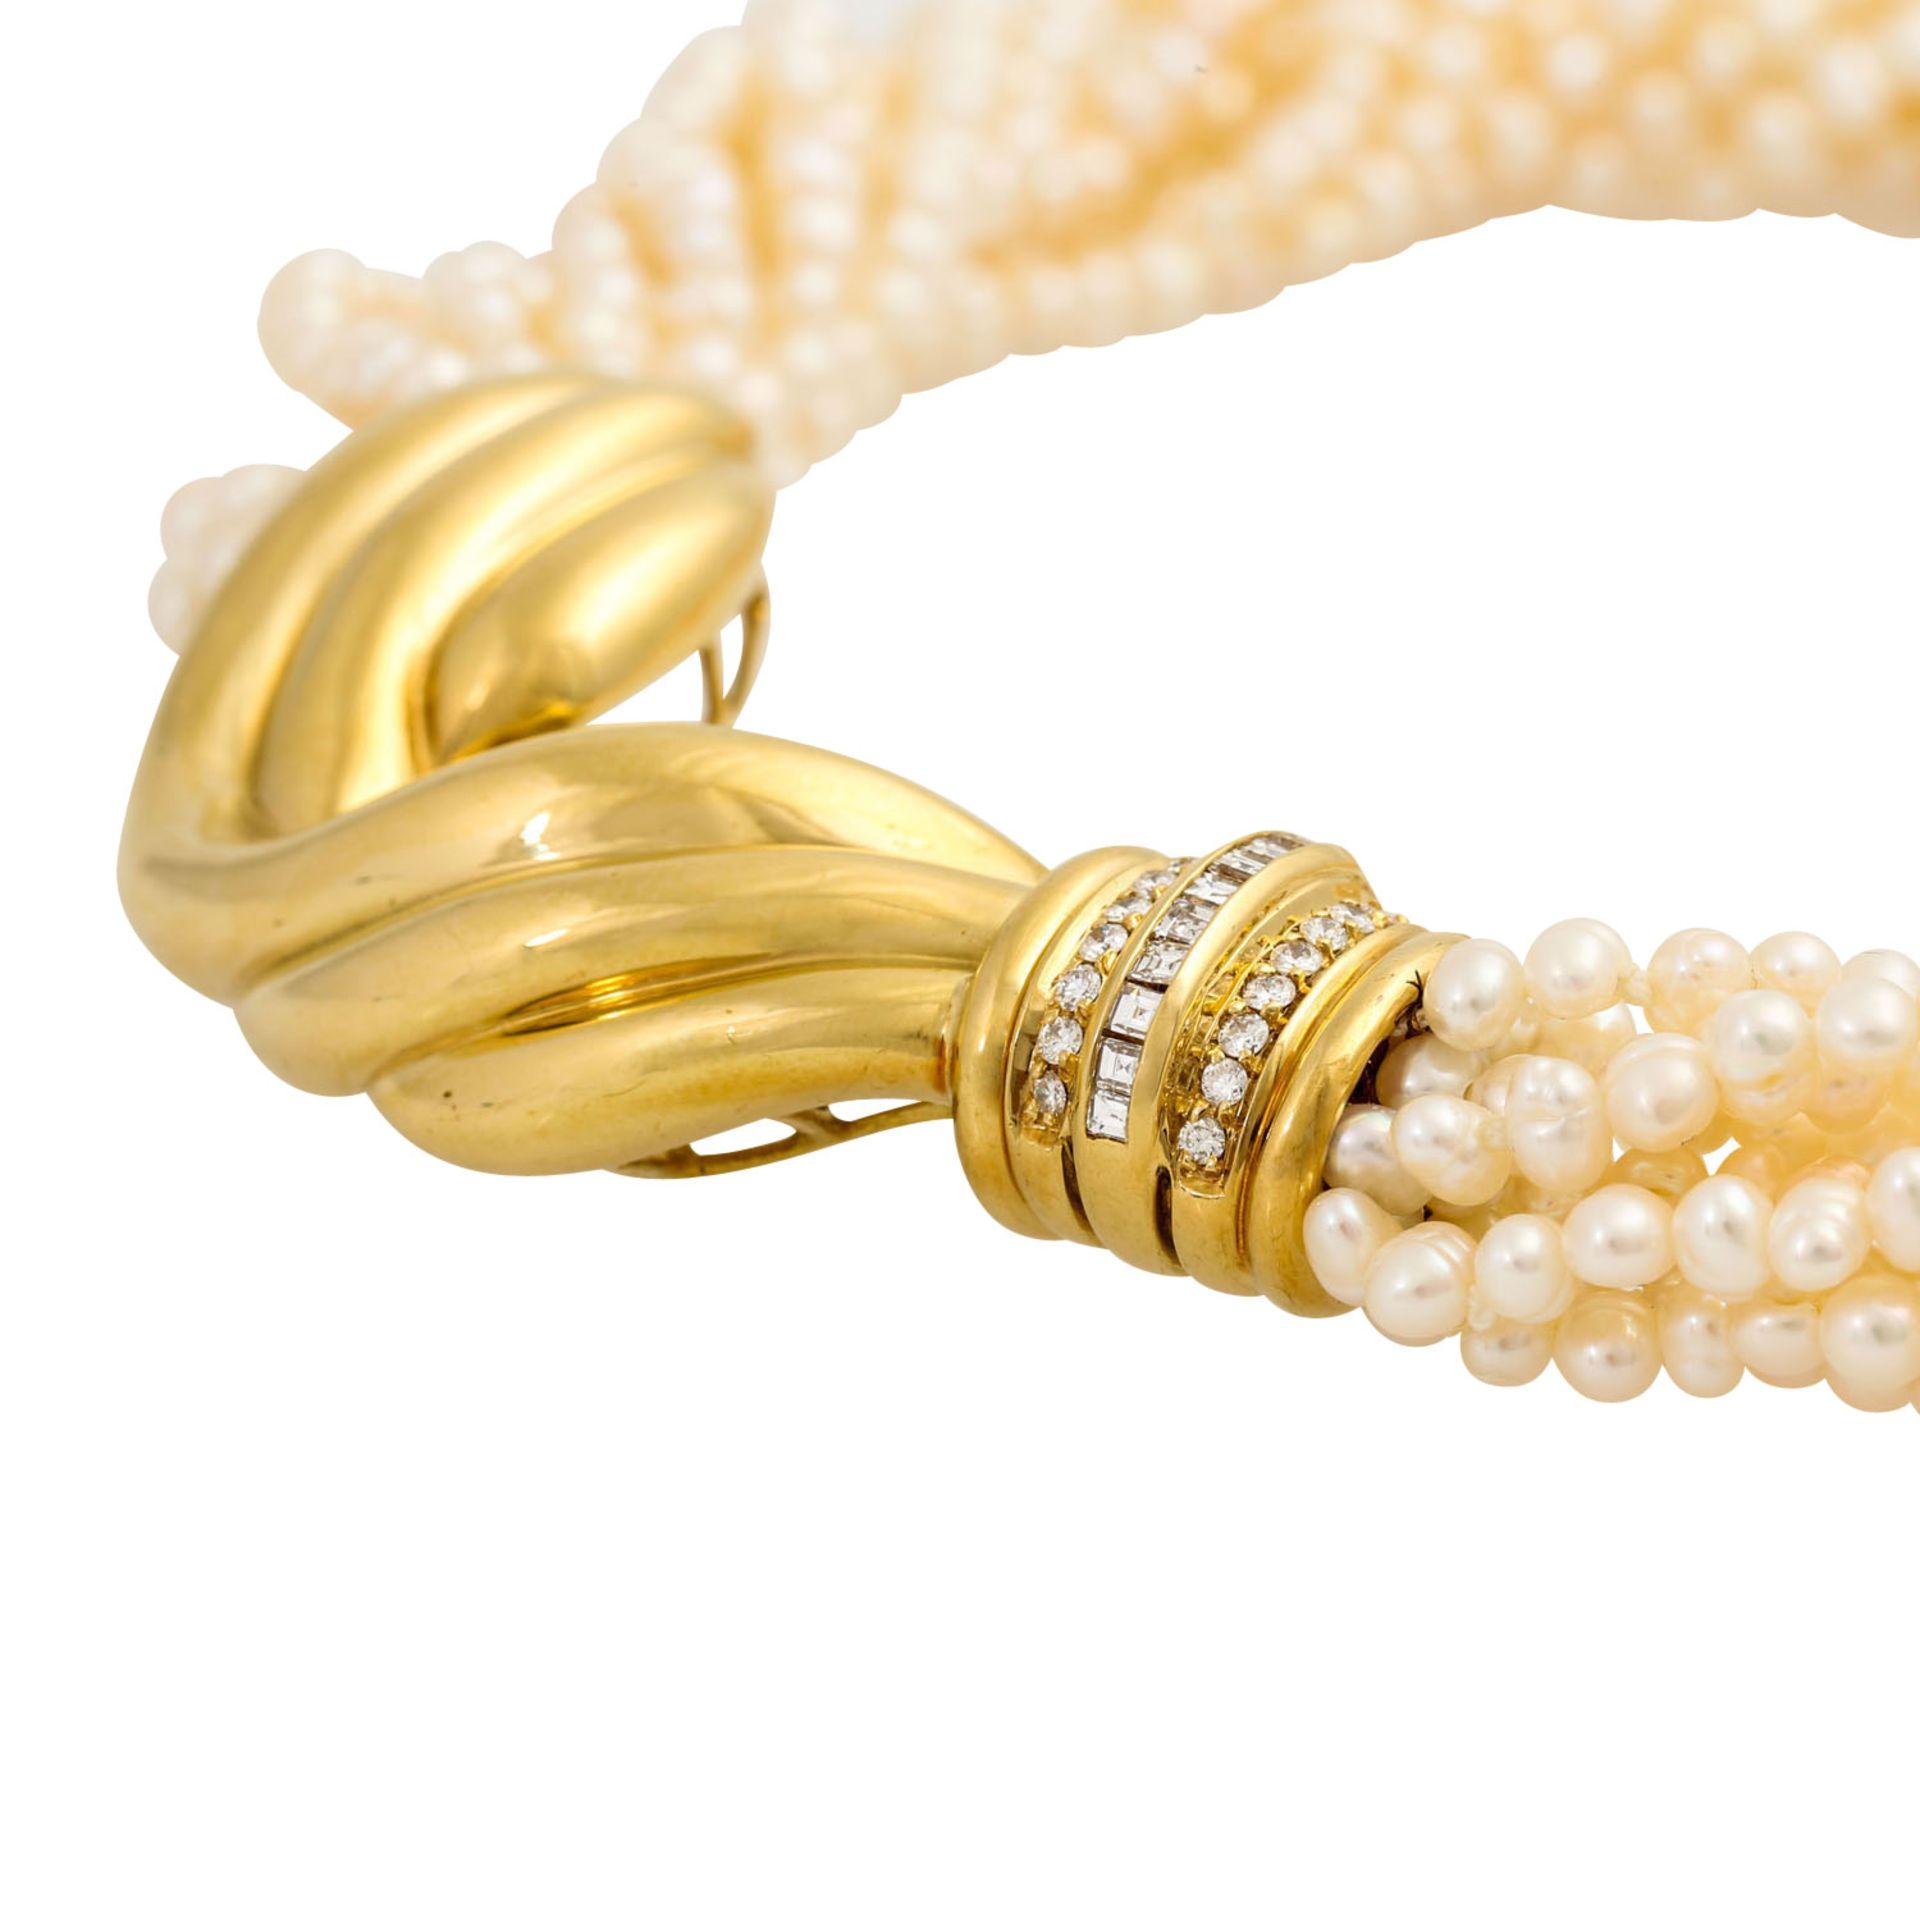 Perlencollier mit Mittelteil besetzt mit Diamanten von zus. ca. 0,45 ct, Brillant- u. - Image 4 of 5